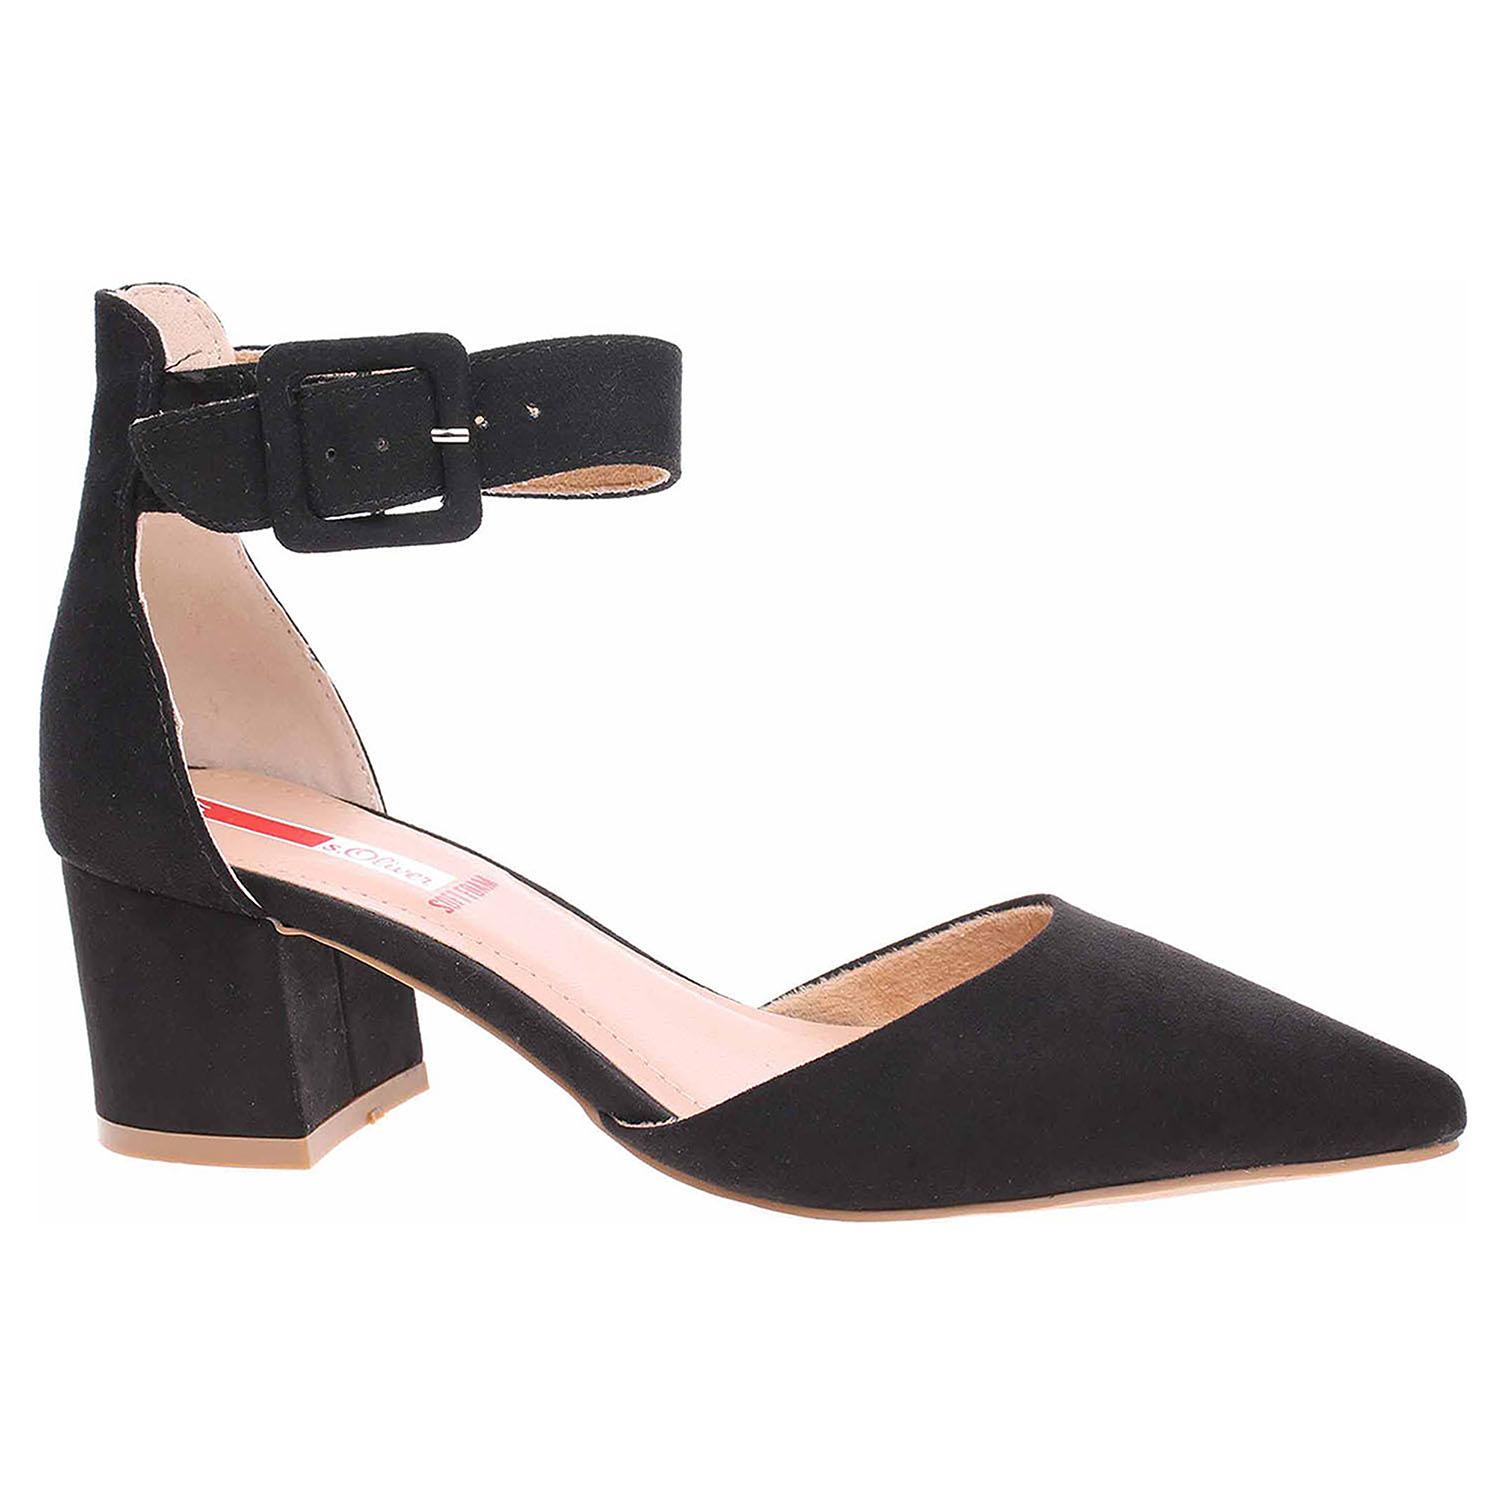 Dámská společenská obuv s.Oliver 5-24407-24 black 5-5-24407-24 001 38